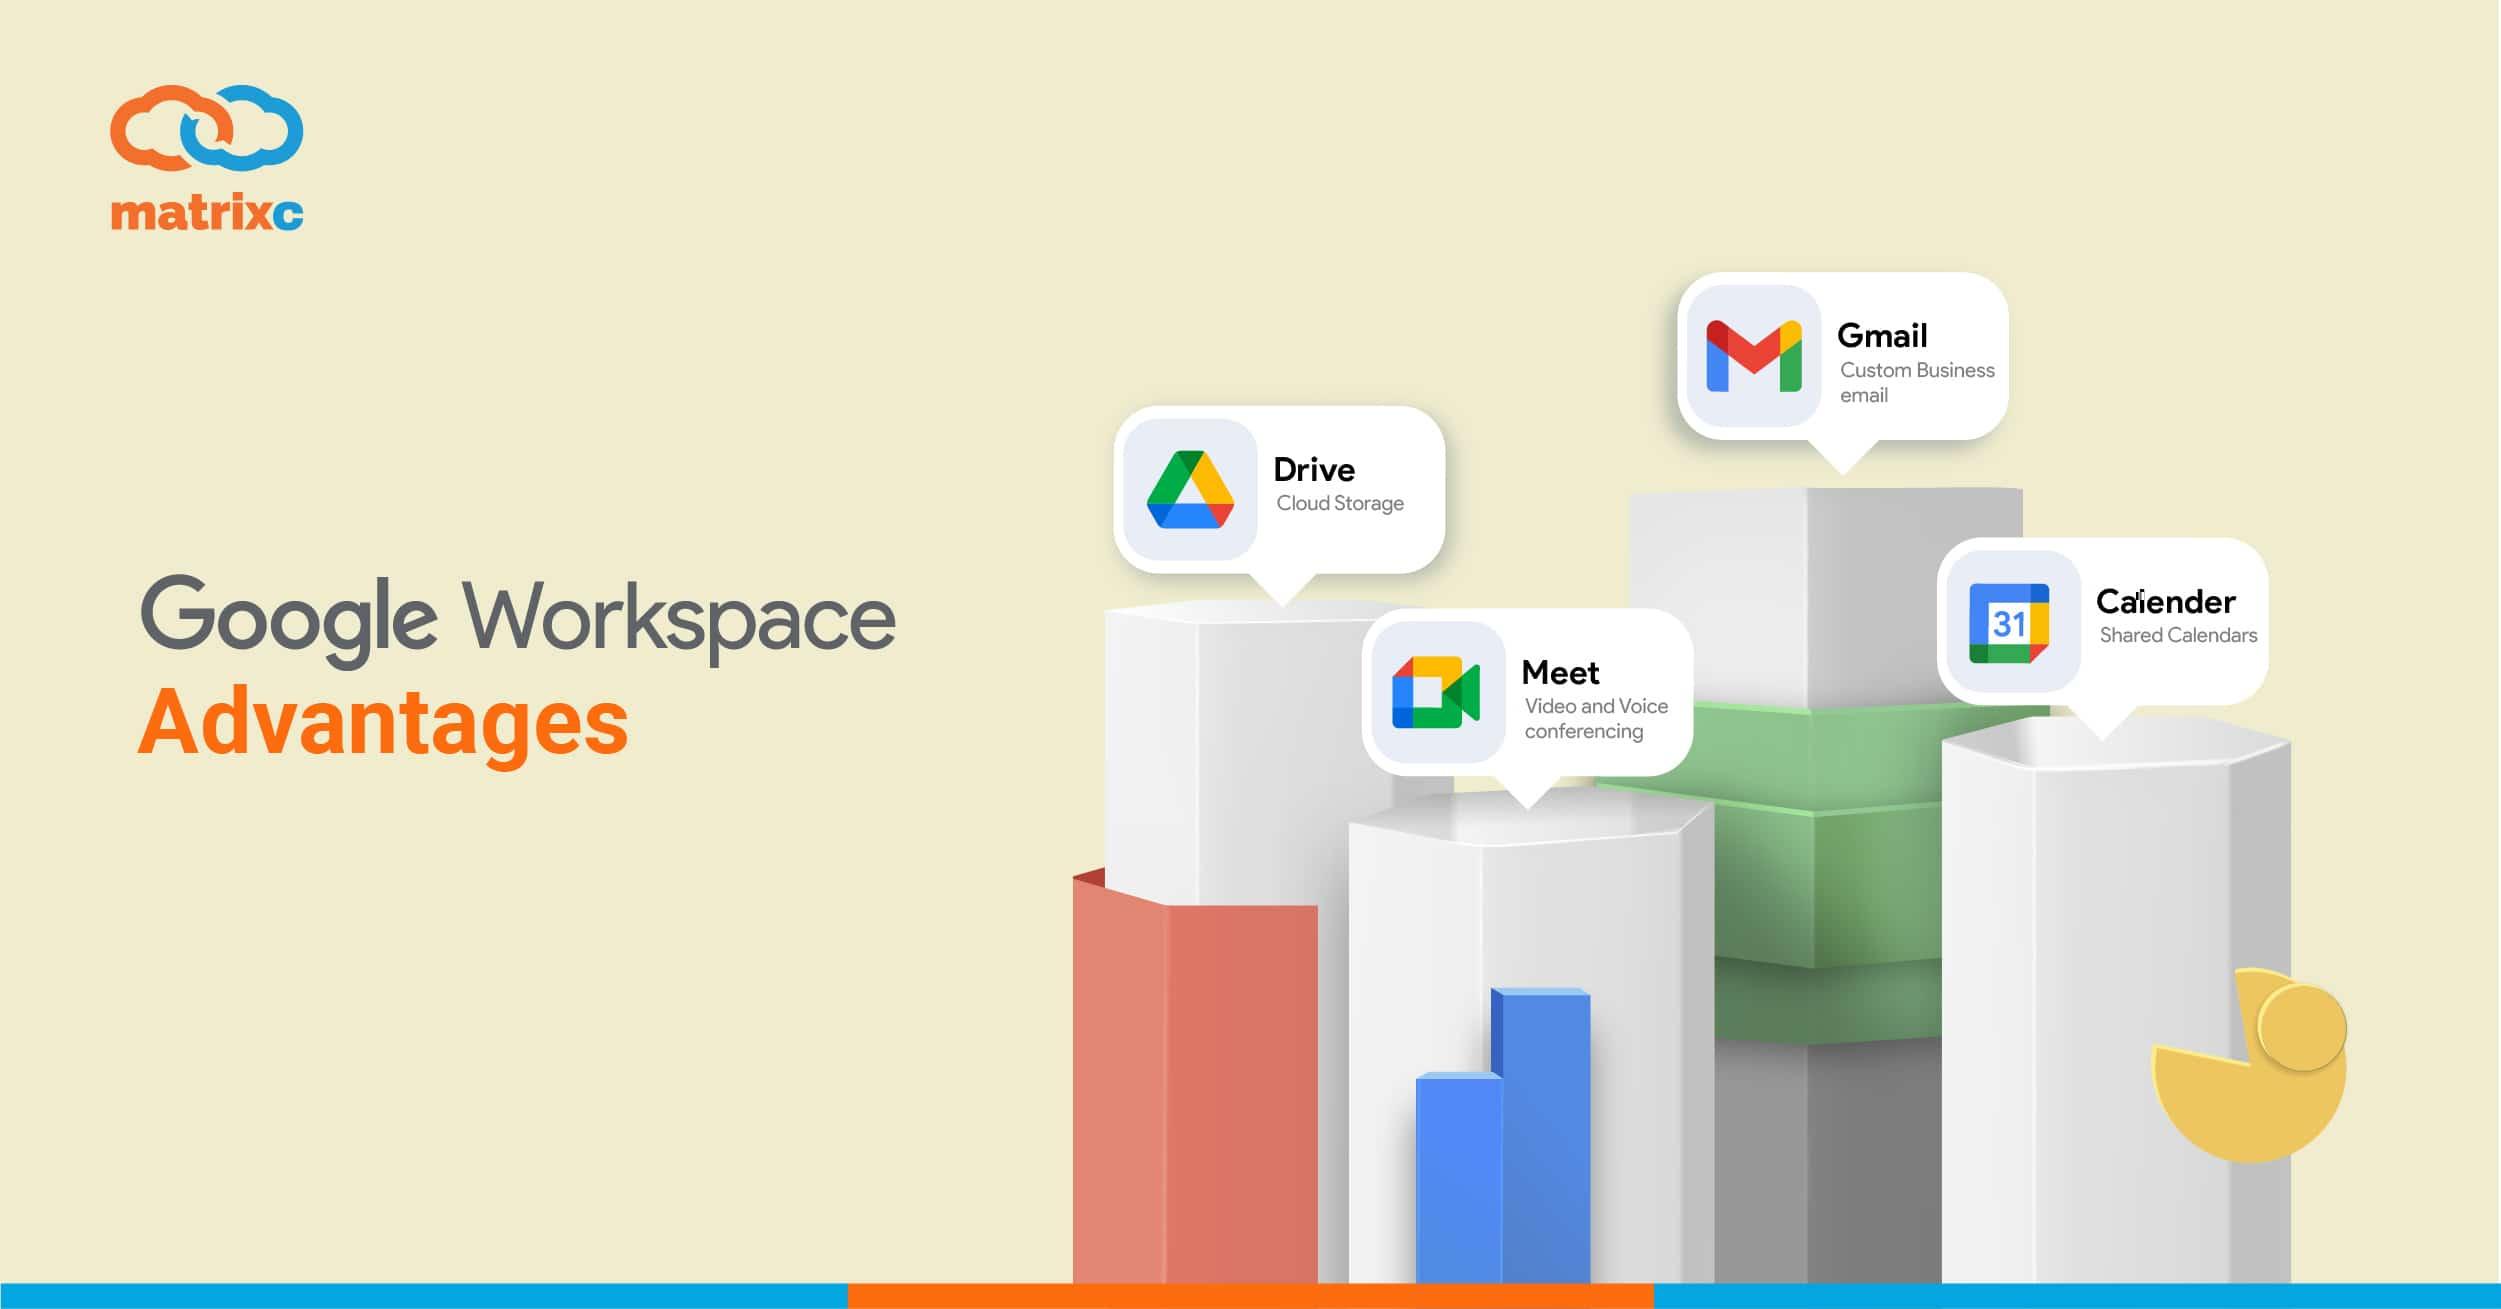 Google Workspace Advantages